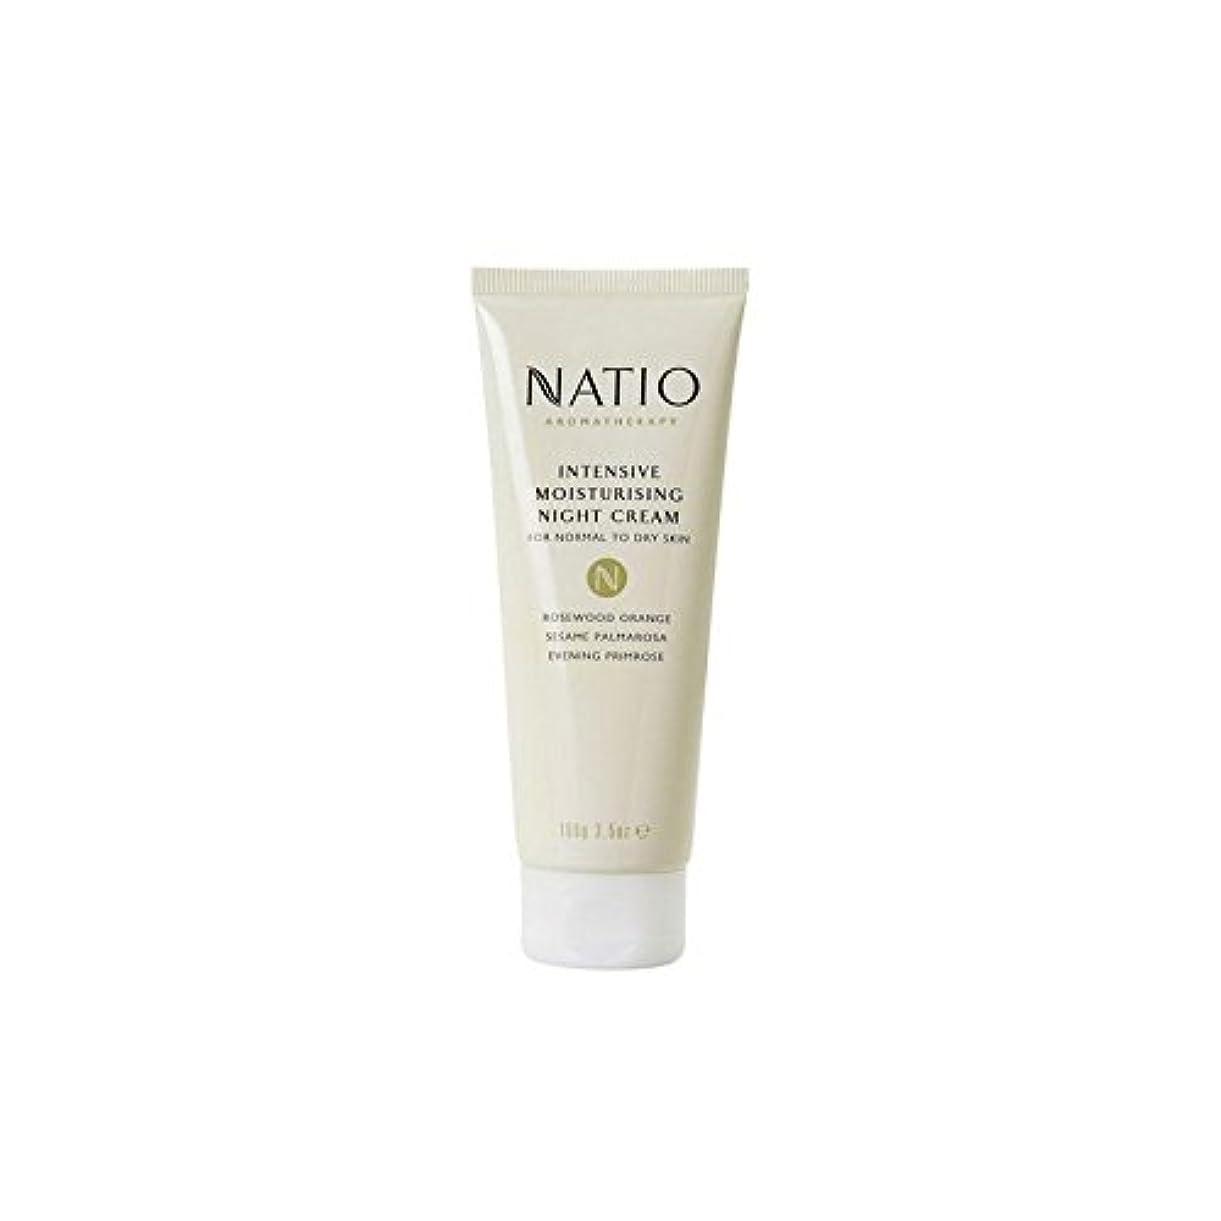 受賞ポインタ期待してNatio Intensive Moisturising Night Cream (100G) (Pack of 6) - 集中的な保湿ナイトクリーム(100グラム) x6 [並行輸入品]